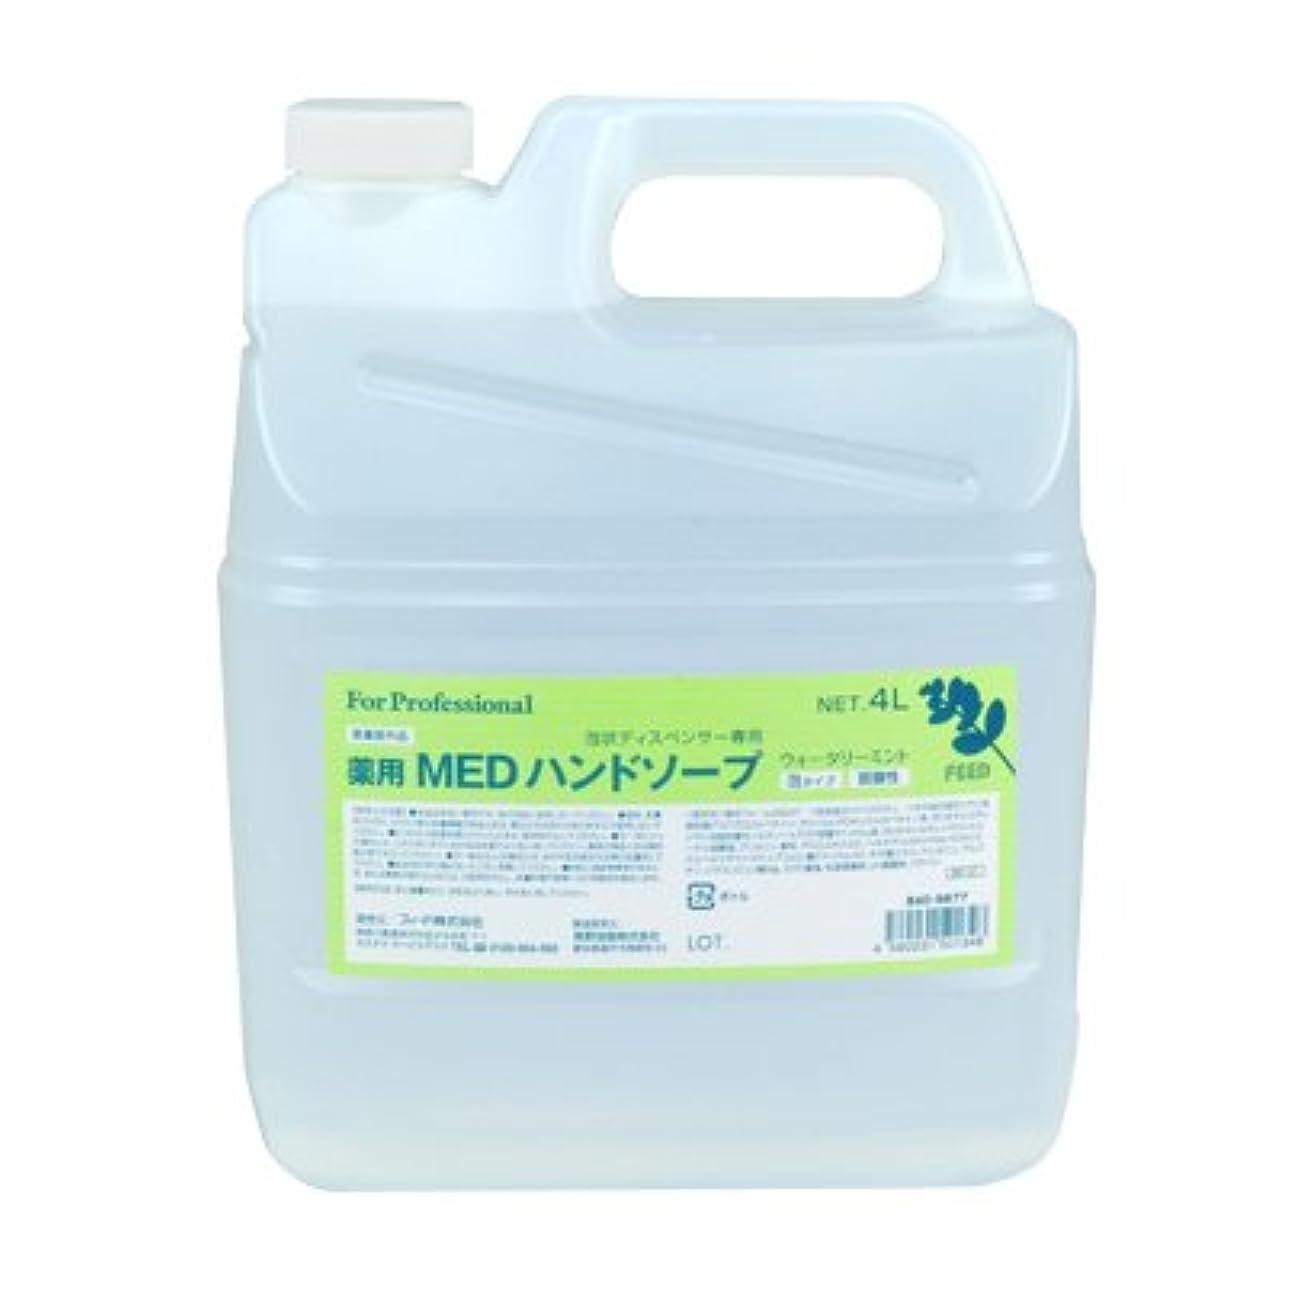 メルボルン遠え肯定的【業務用】 FEED(フィード) 薬用 MEDハンドソープ 泡タイプ/4L詰替用 ハンドソープ(泡タイプ) 入数 1本